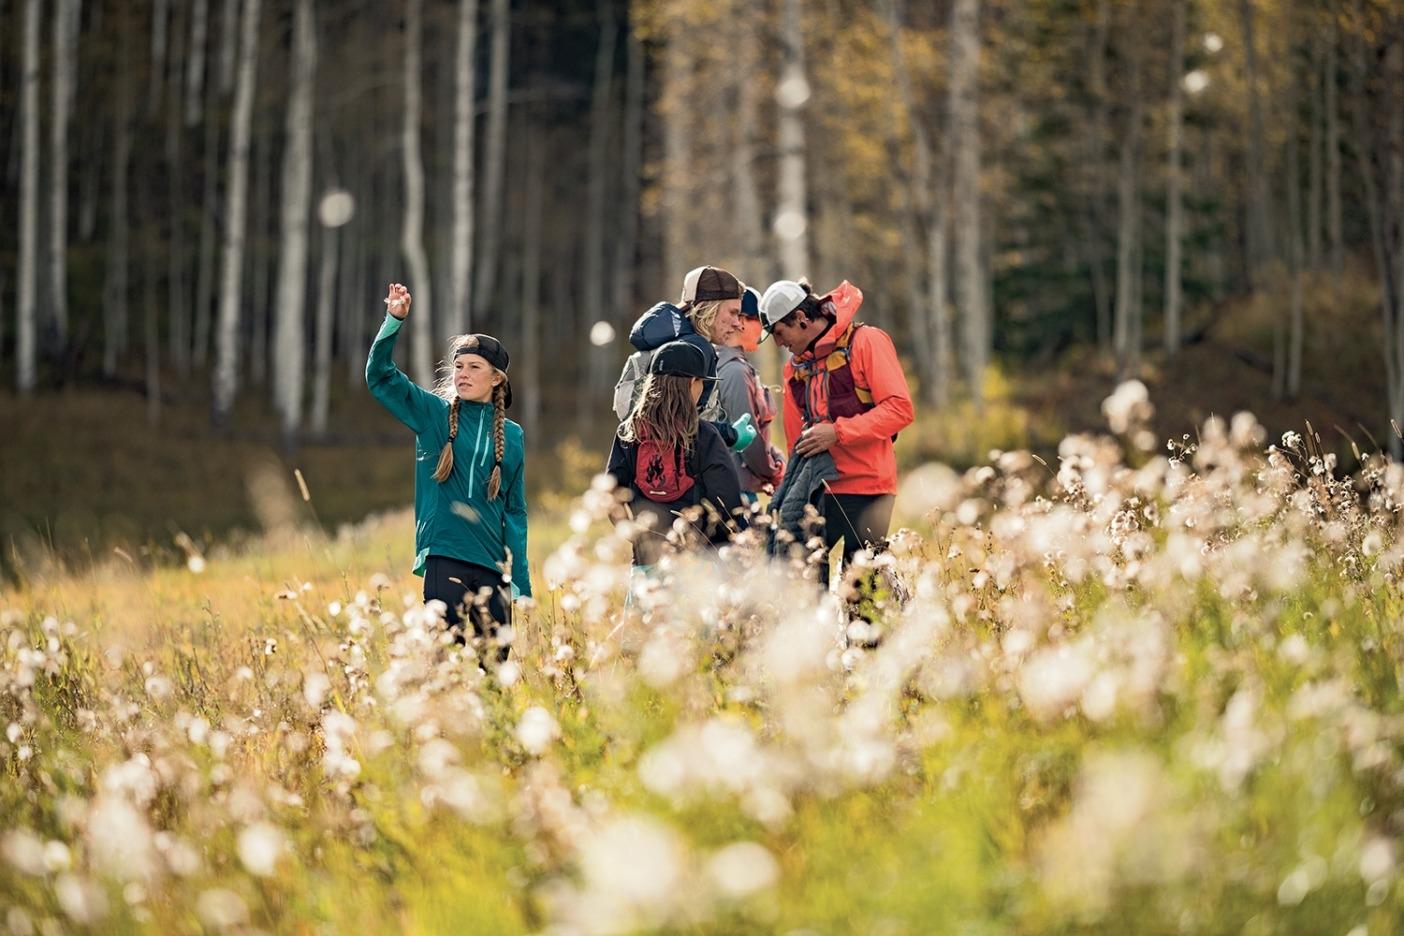 森林限界のすぐ下で過ごす時間は家族の絆を深める。一同で小休止するあいだに綿毛で遊ぶラージャ。Photo: Steven Gnam